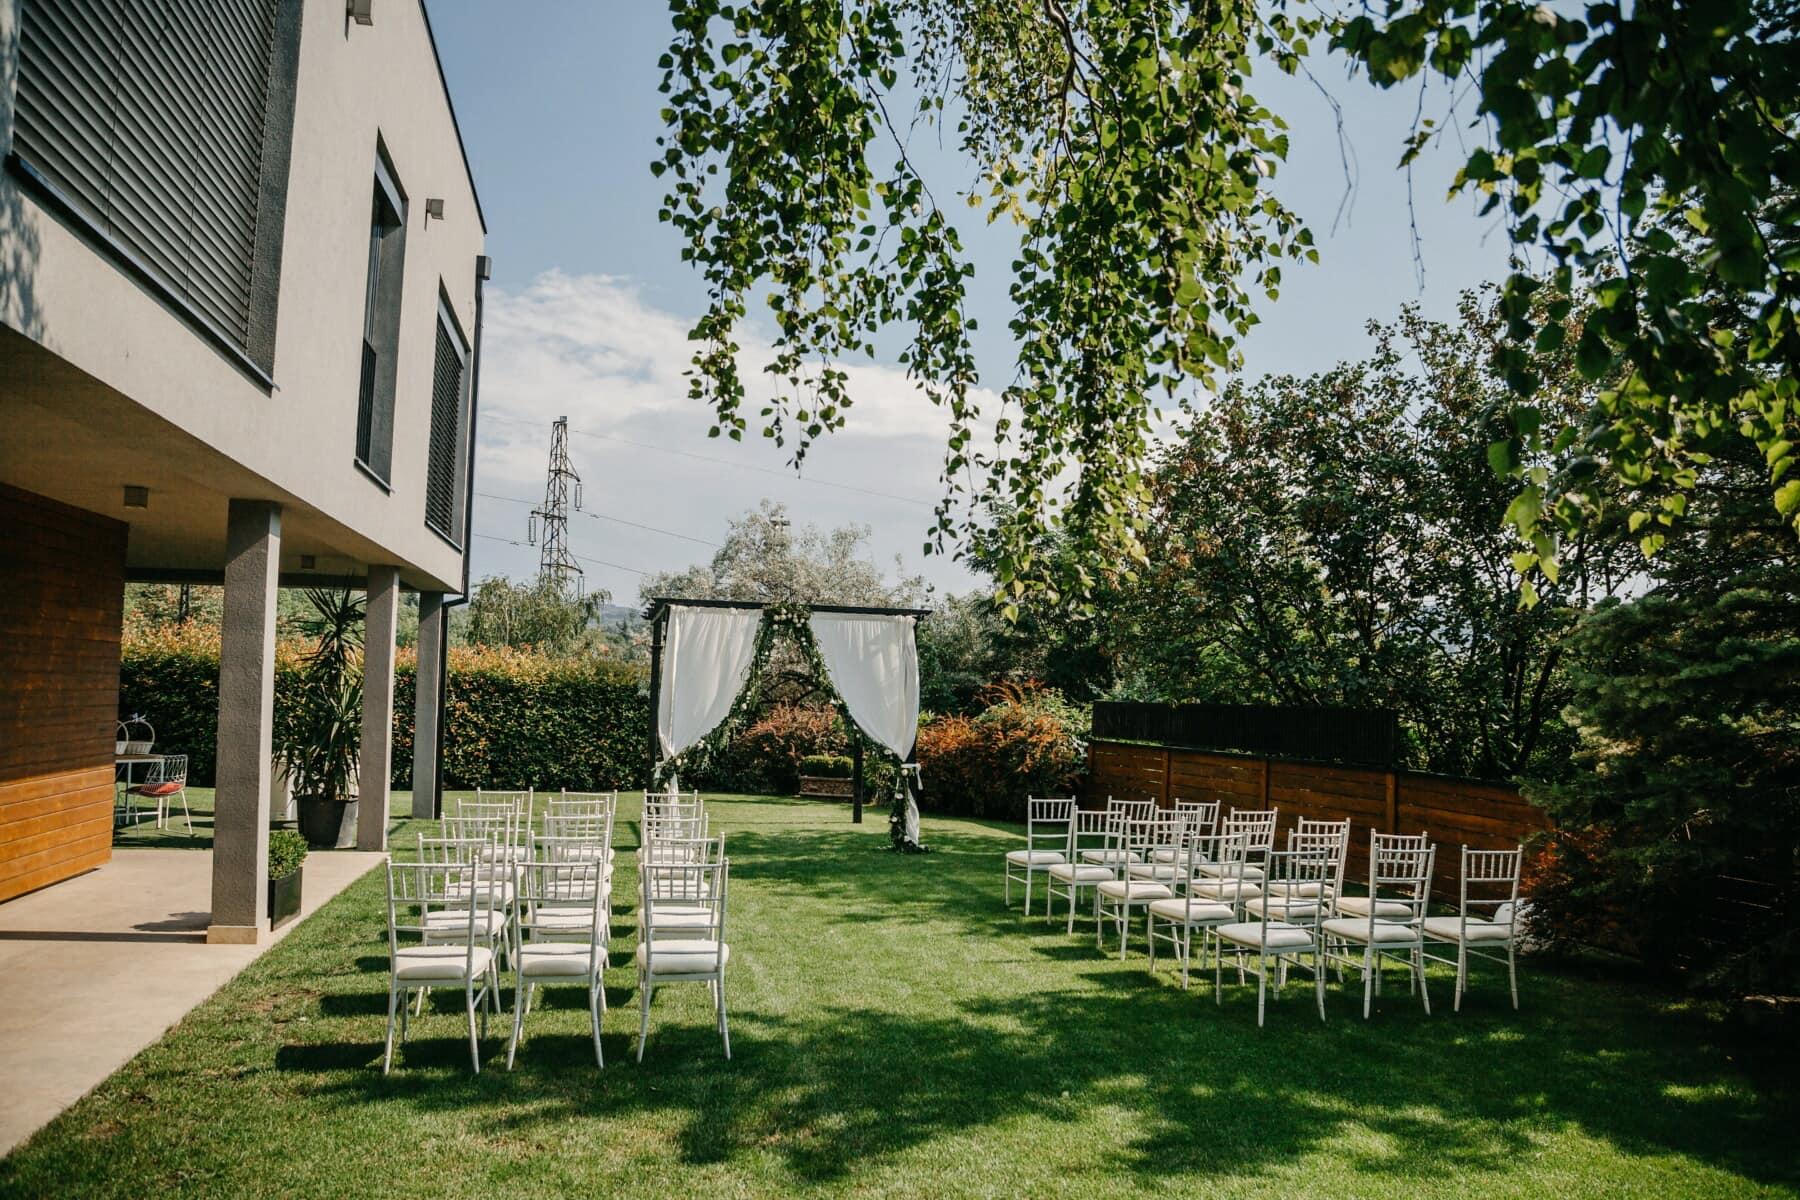 élégant, salle de mariage, patio, chaises, arrière-cour, pelouse, jardin, arbre, Accueil, maison